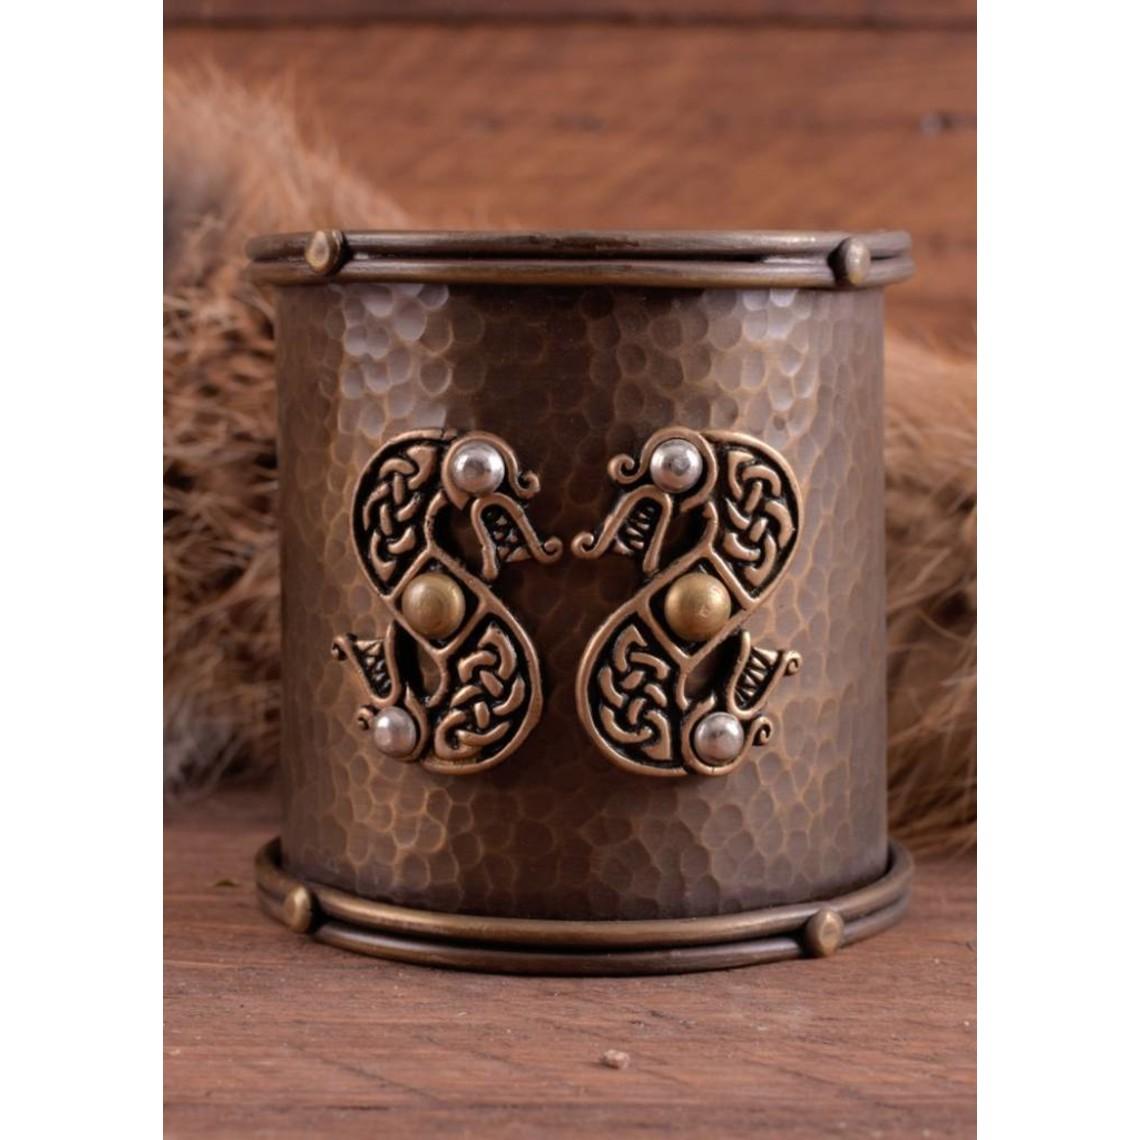 Keltische armband met slangenmotieven